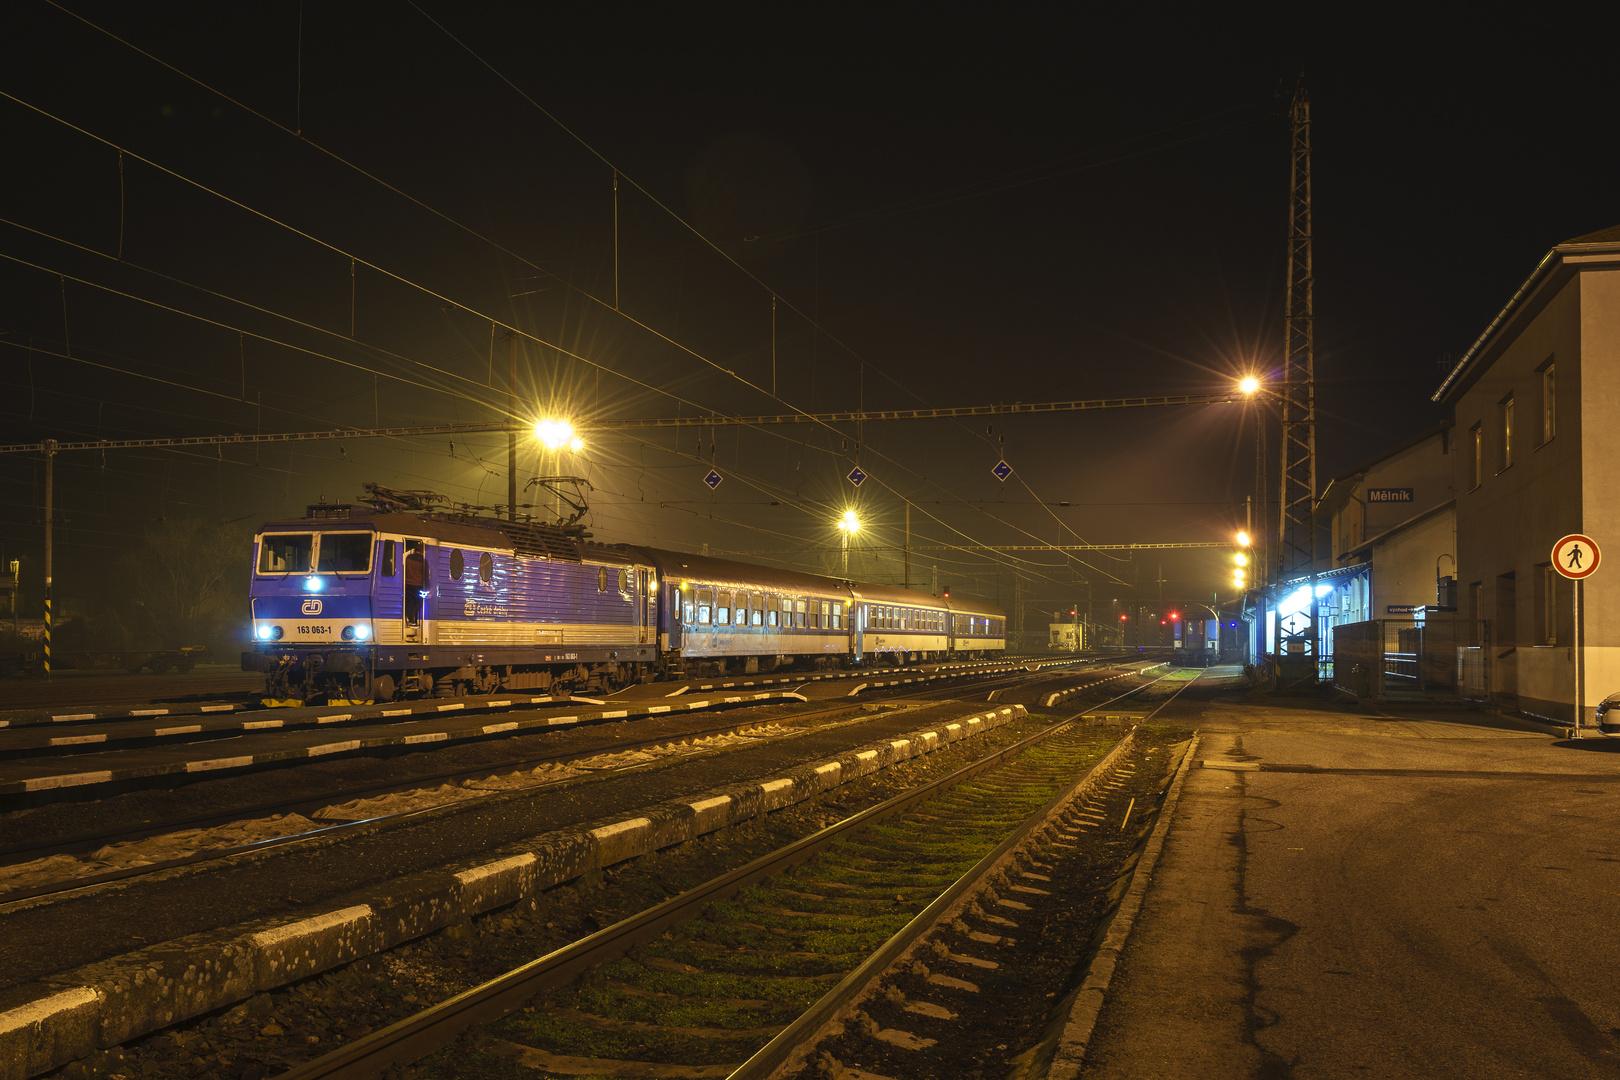 CD 163 063 mit R in Melnik am Abend